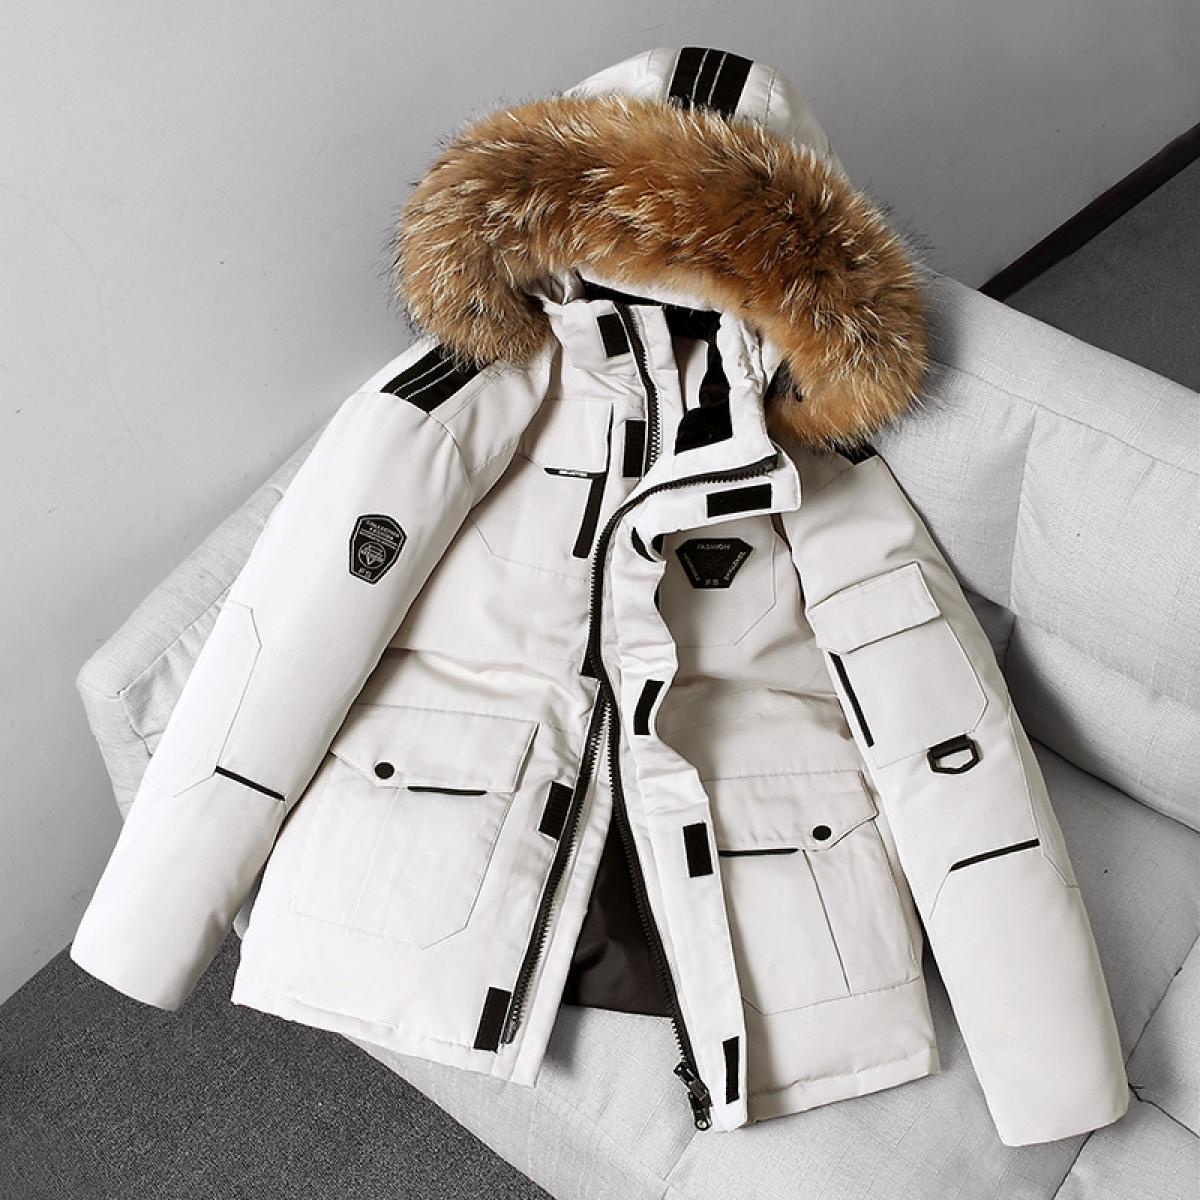 الرجال الحرارية أسفل سترة سميكة سترة منفوخة معطف الرجال عالية الجودة معطف الشتاء سترة الرجال 90% بطة بيضاء أسفل قبعة قابلة للإزالة